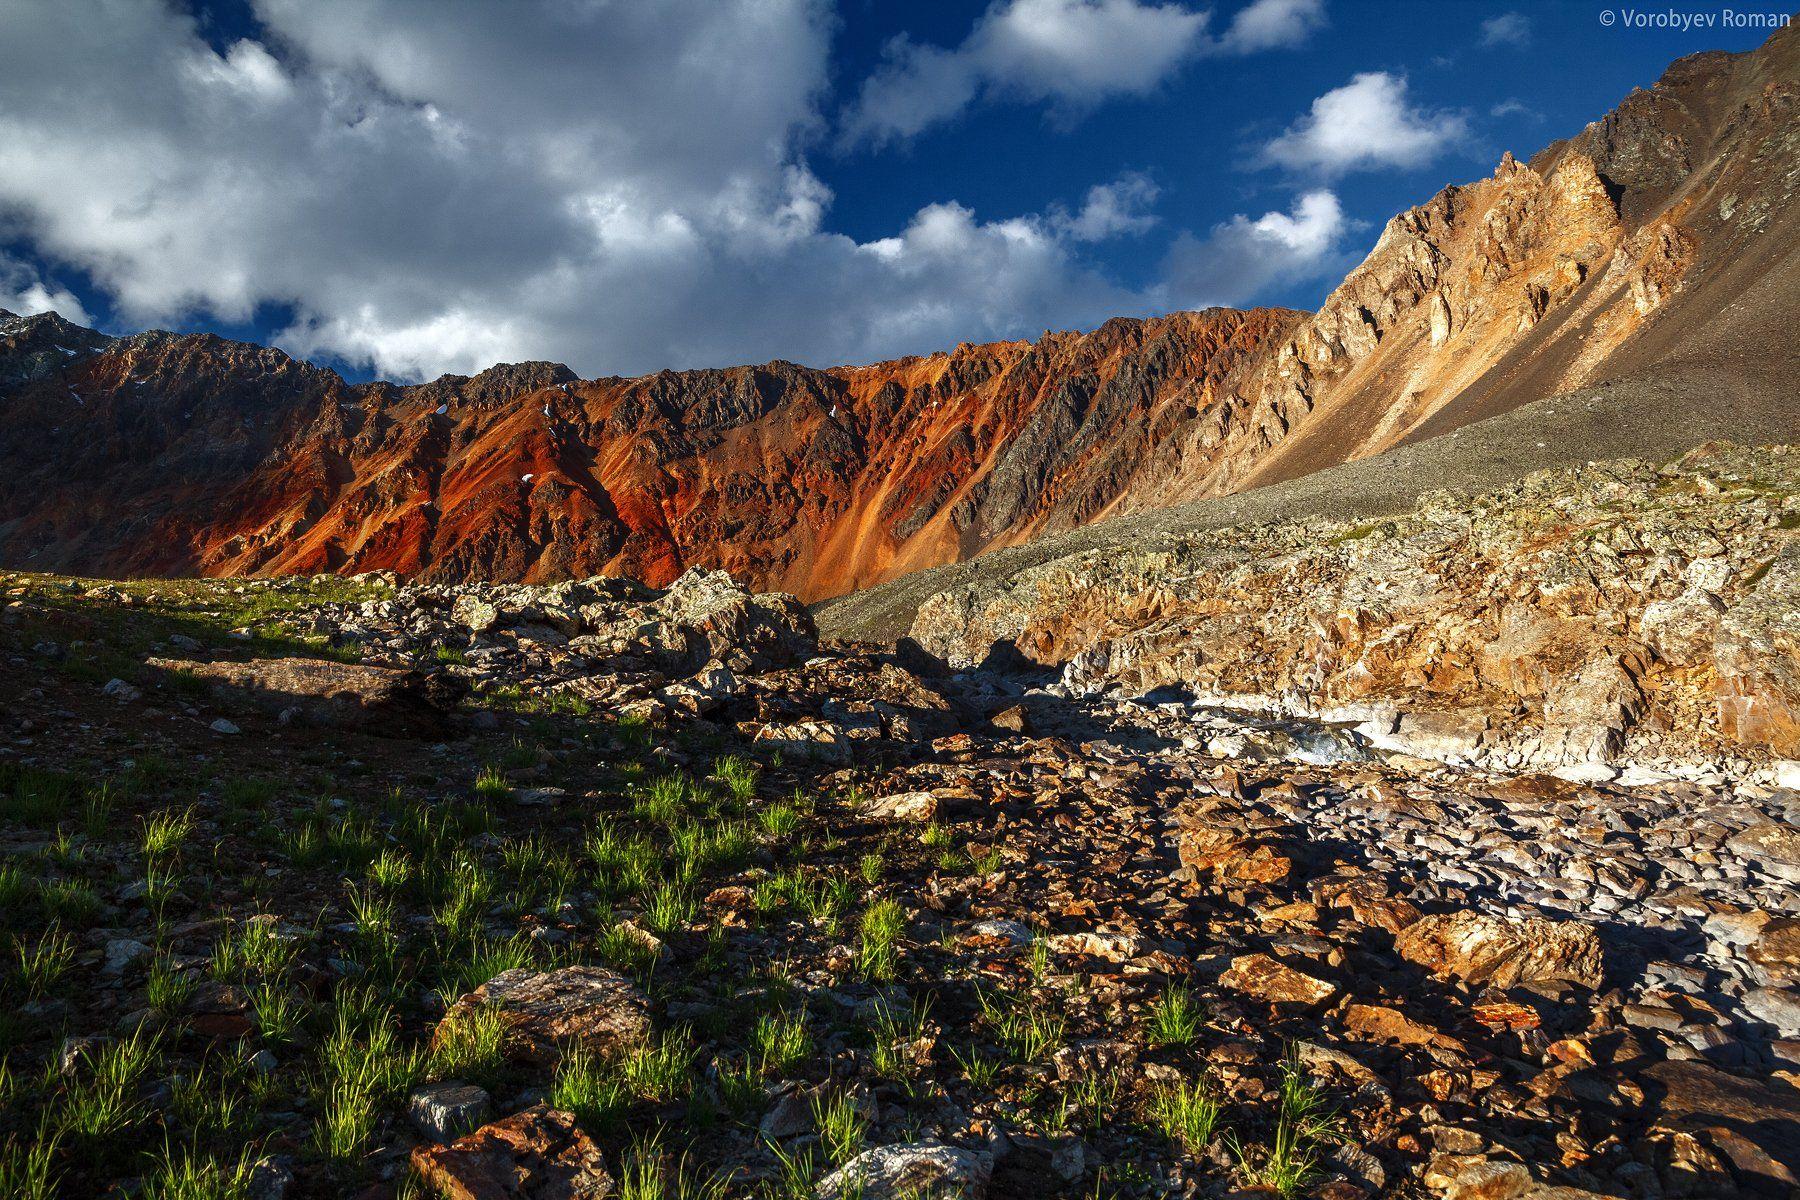 Алтай, Горный алтай, Горы, Красный, Цвет, Roman Vorobyev